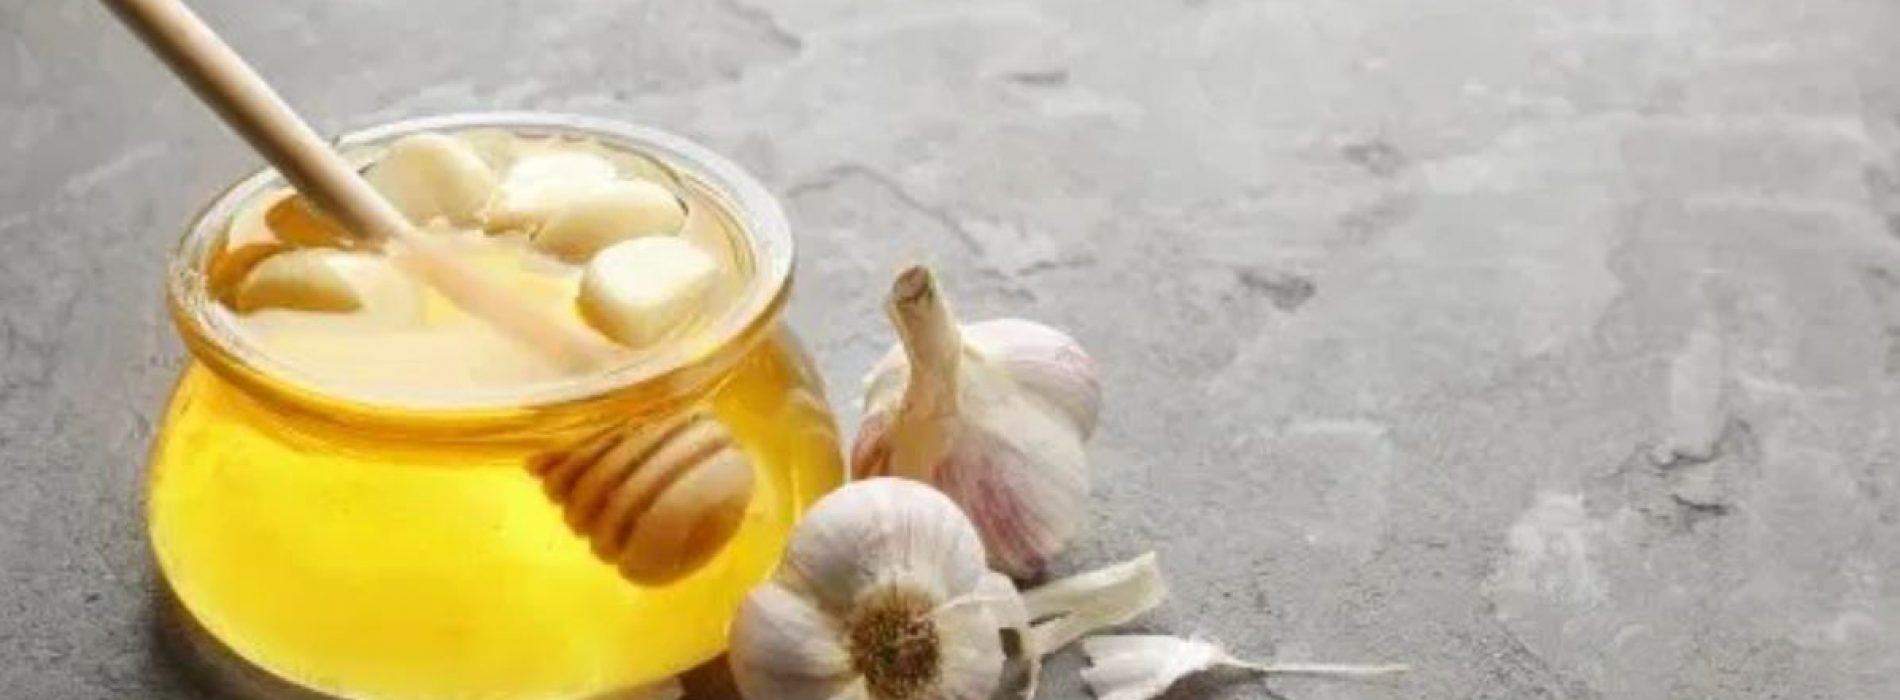 Versterking van uw immuunsysteem met gefermenteerd knoflook en honingelixer